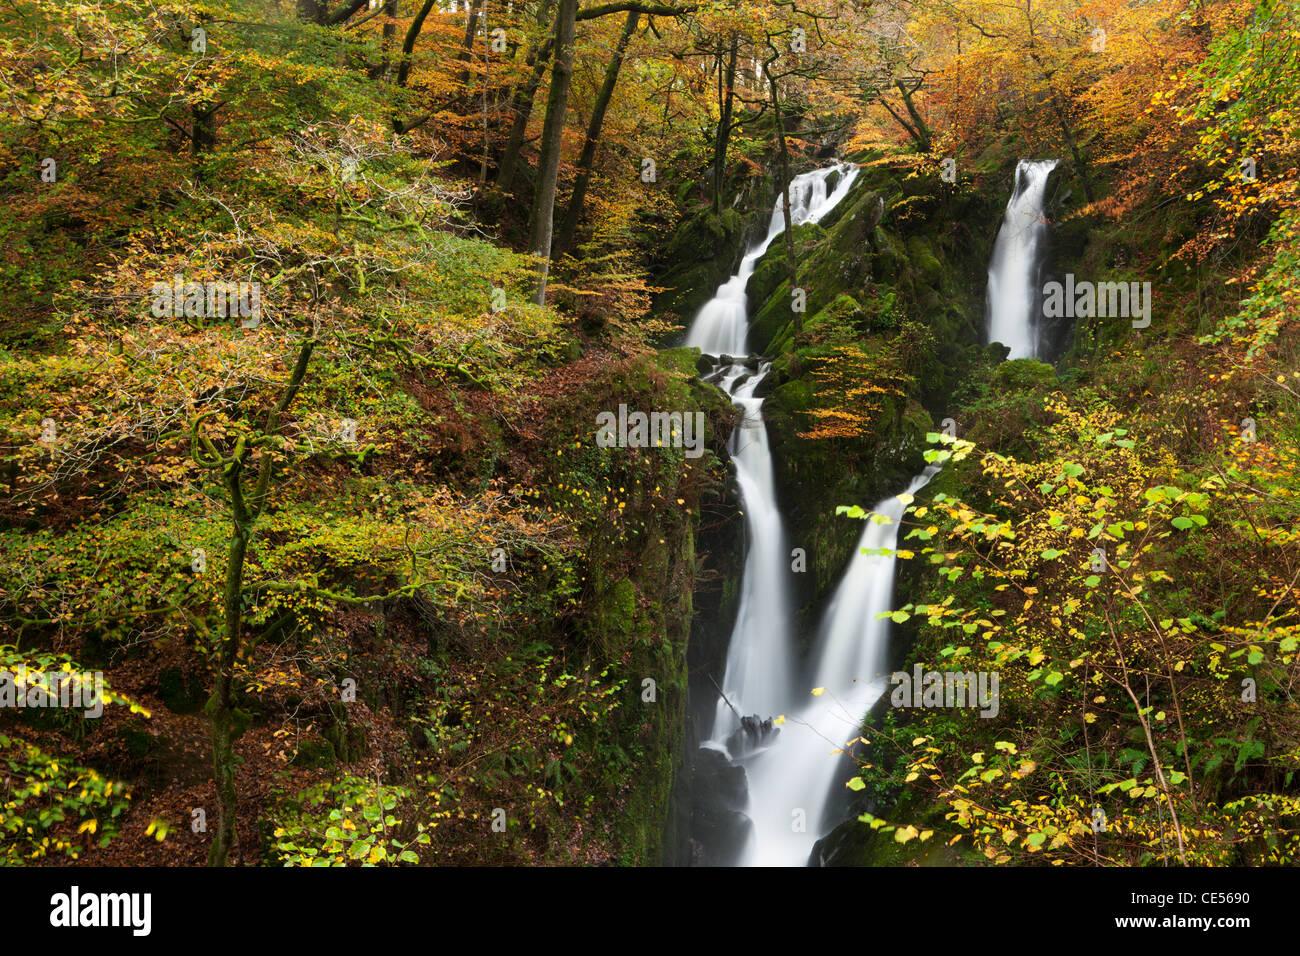 Ghyll Stock vigueur cascade bordée de feuillage de l'automne, Ambleside, Lake District, Cumbria, Angleterre. Photo Stock